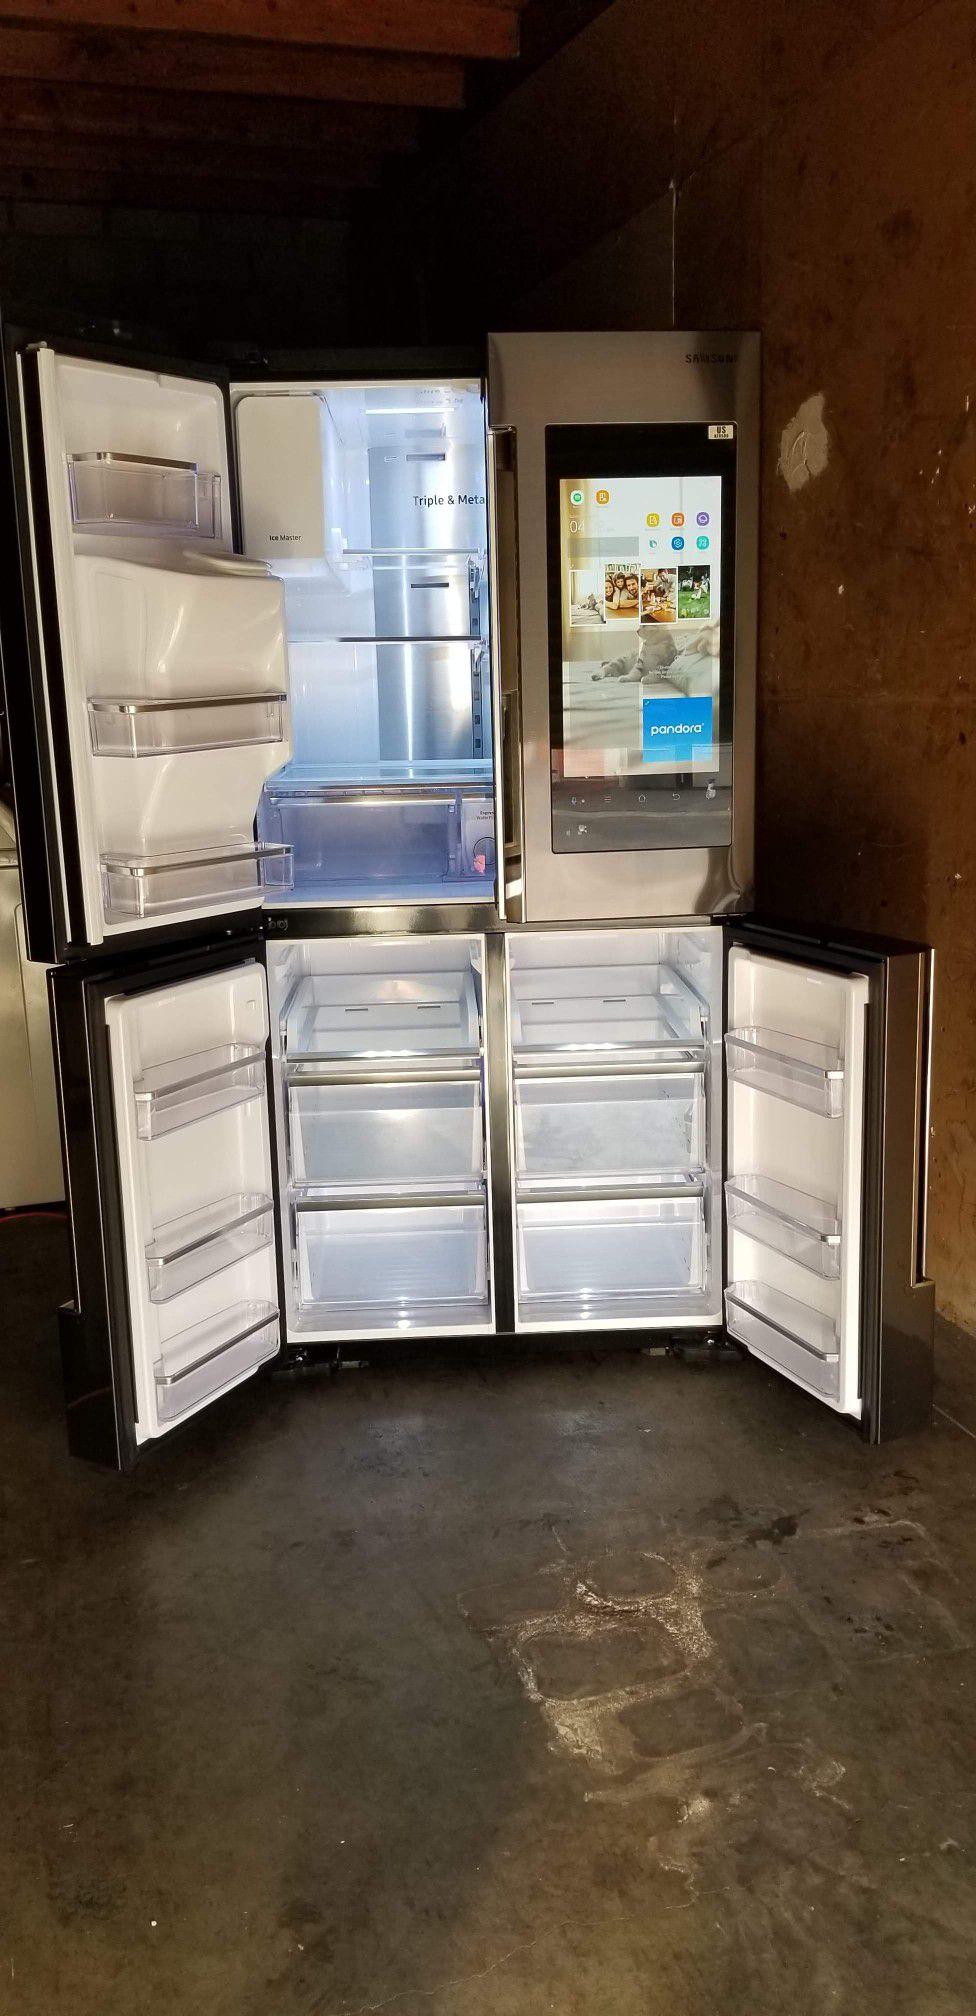 Refrigerador Samsung smart hub